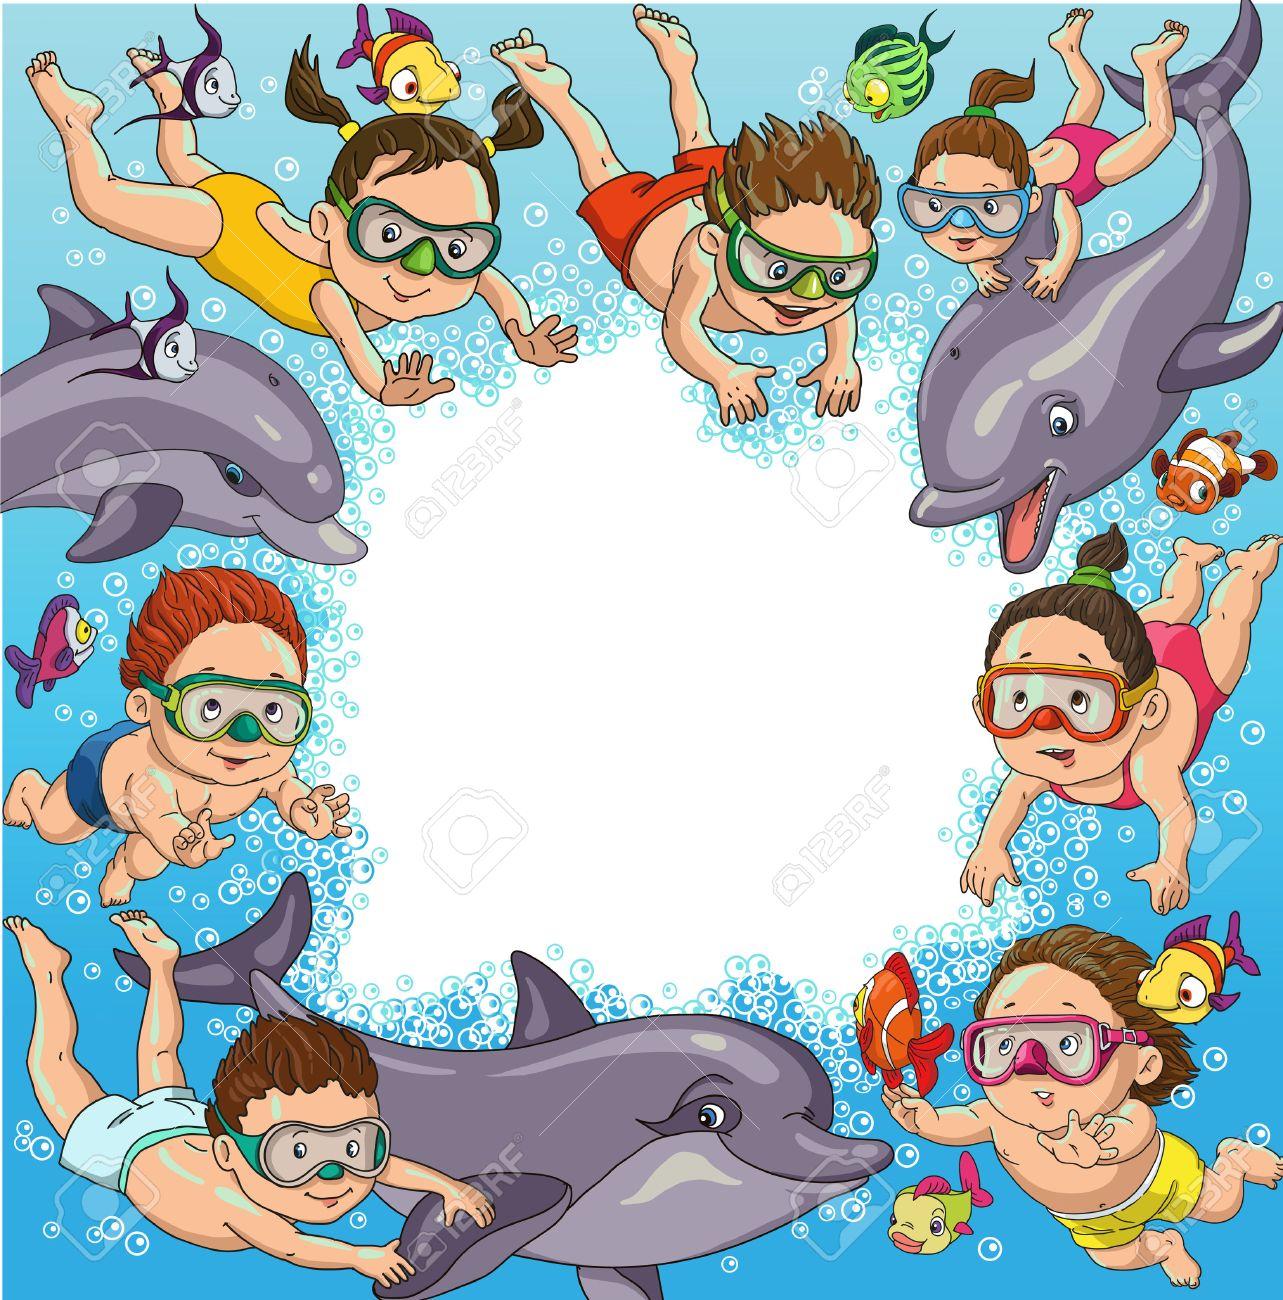 Niños De Dibujos Animados Nadar Con Delfines Y Peces Espacio Para El Texto Ilustraciones Vectoriales Clip Art Vectorizado Libre De Derechos Image 46515285